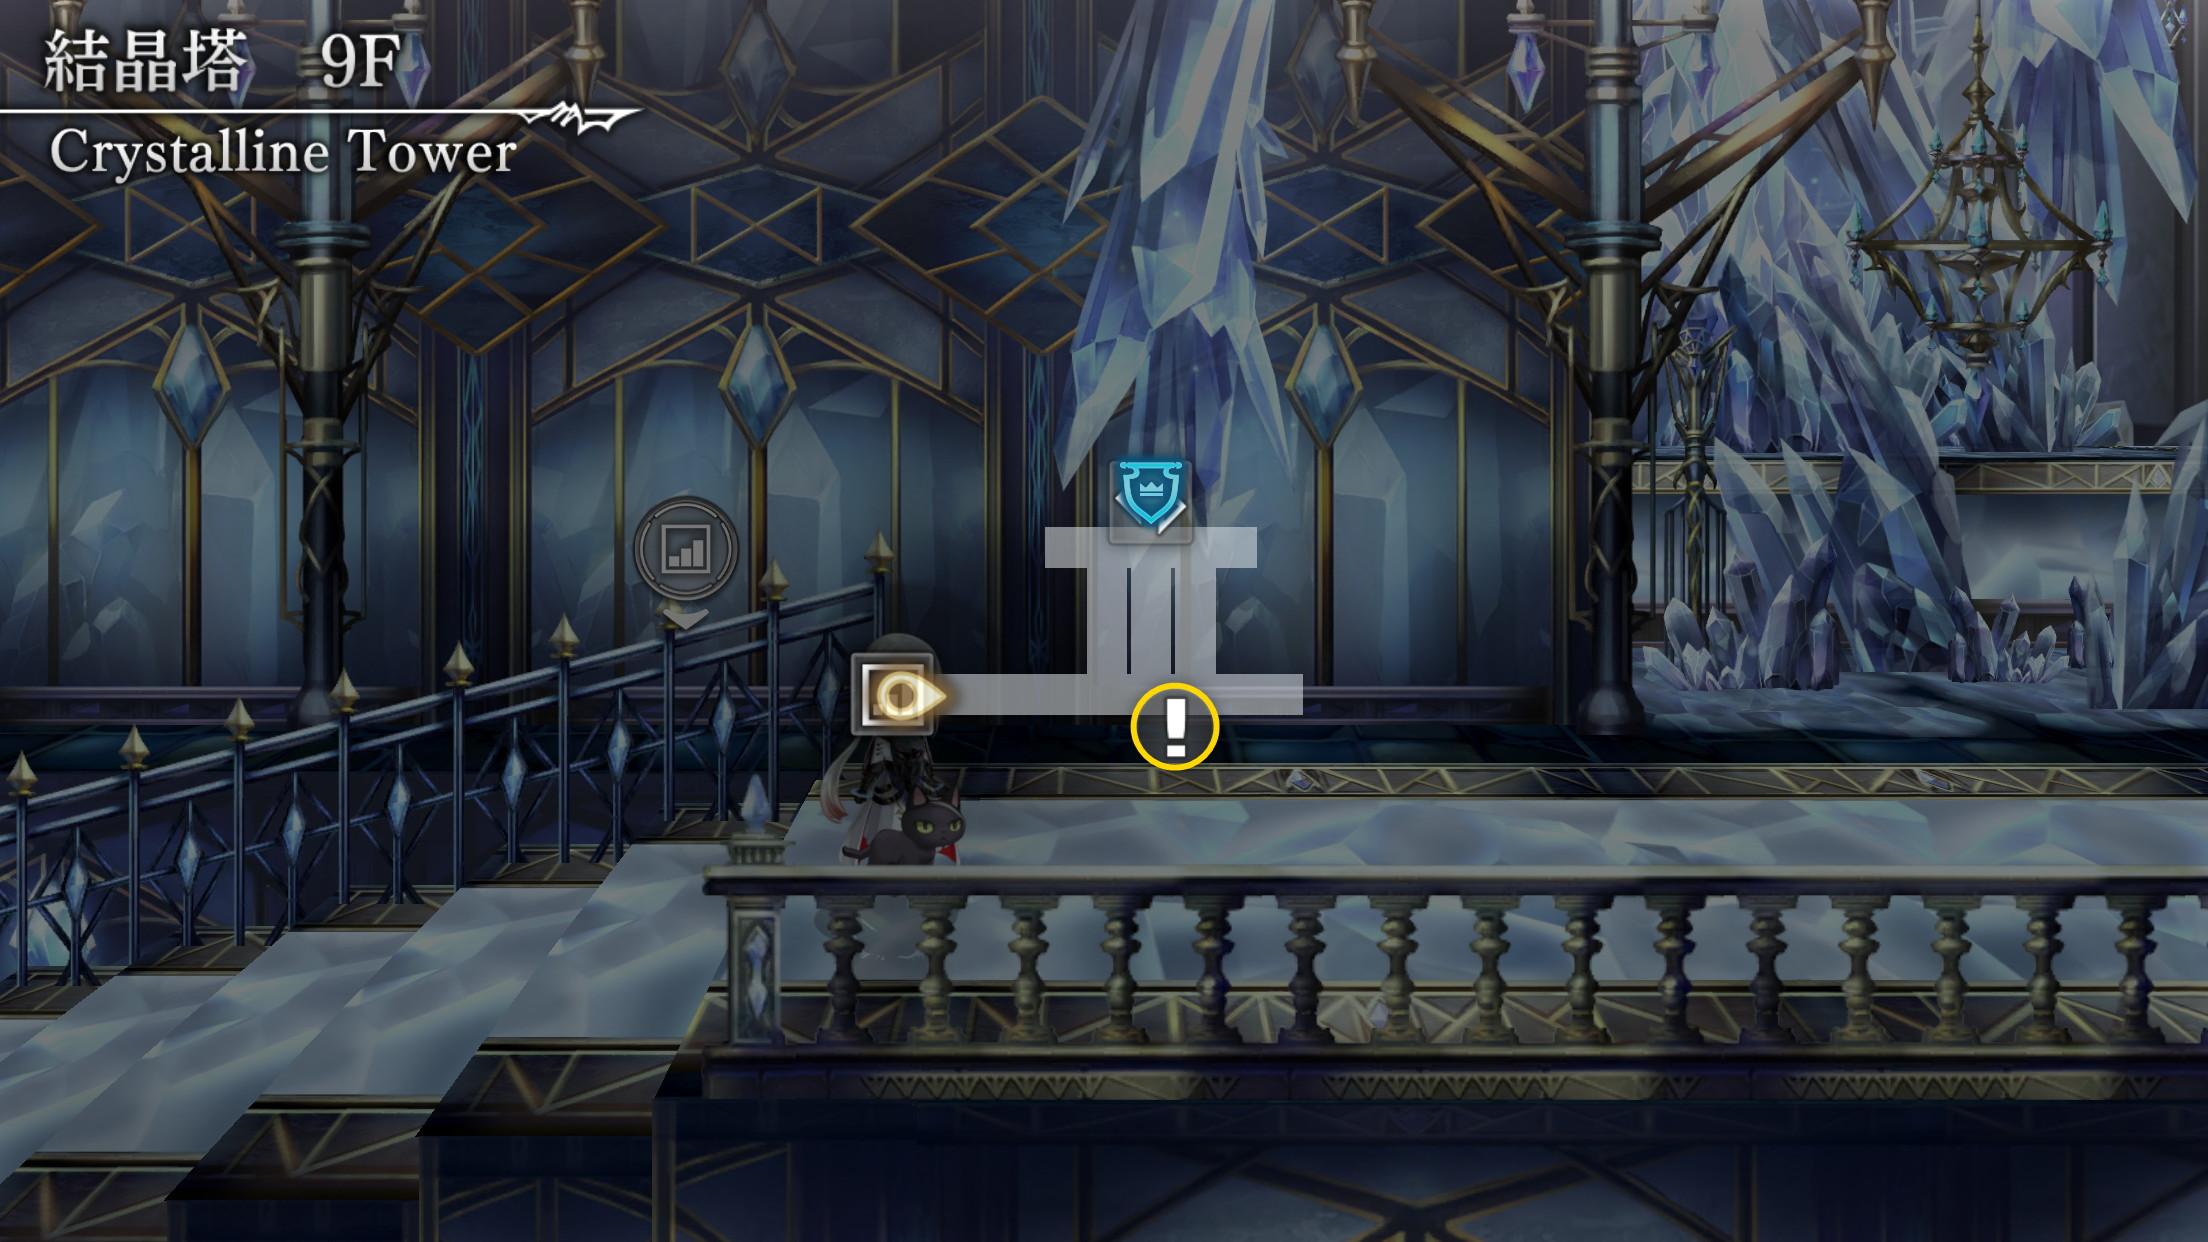 結晶塔ストーリー25